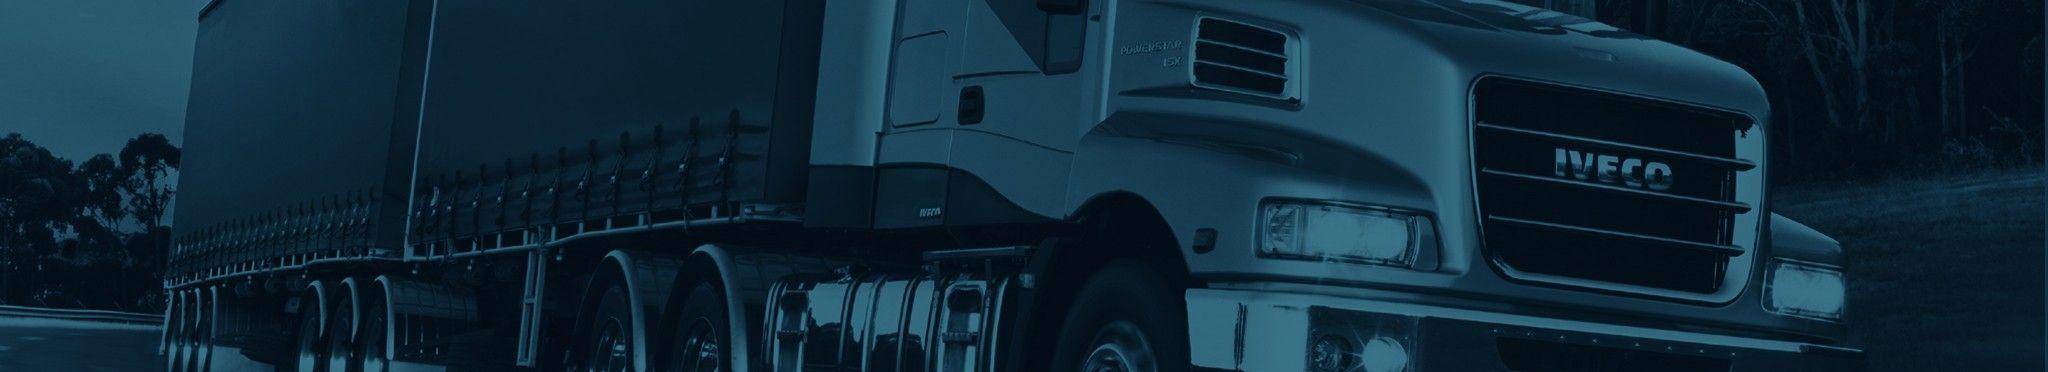 Recambios de camión